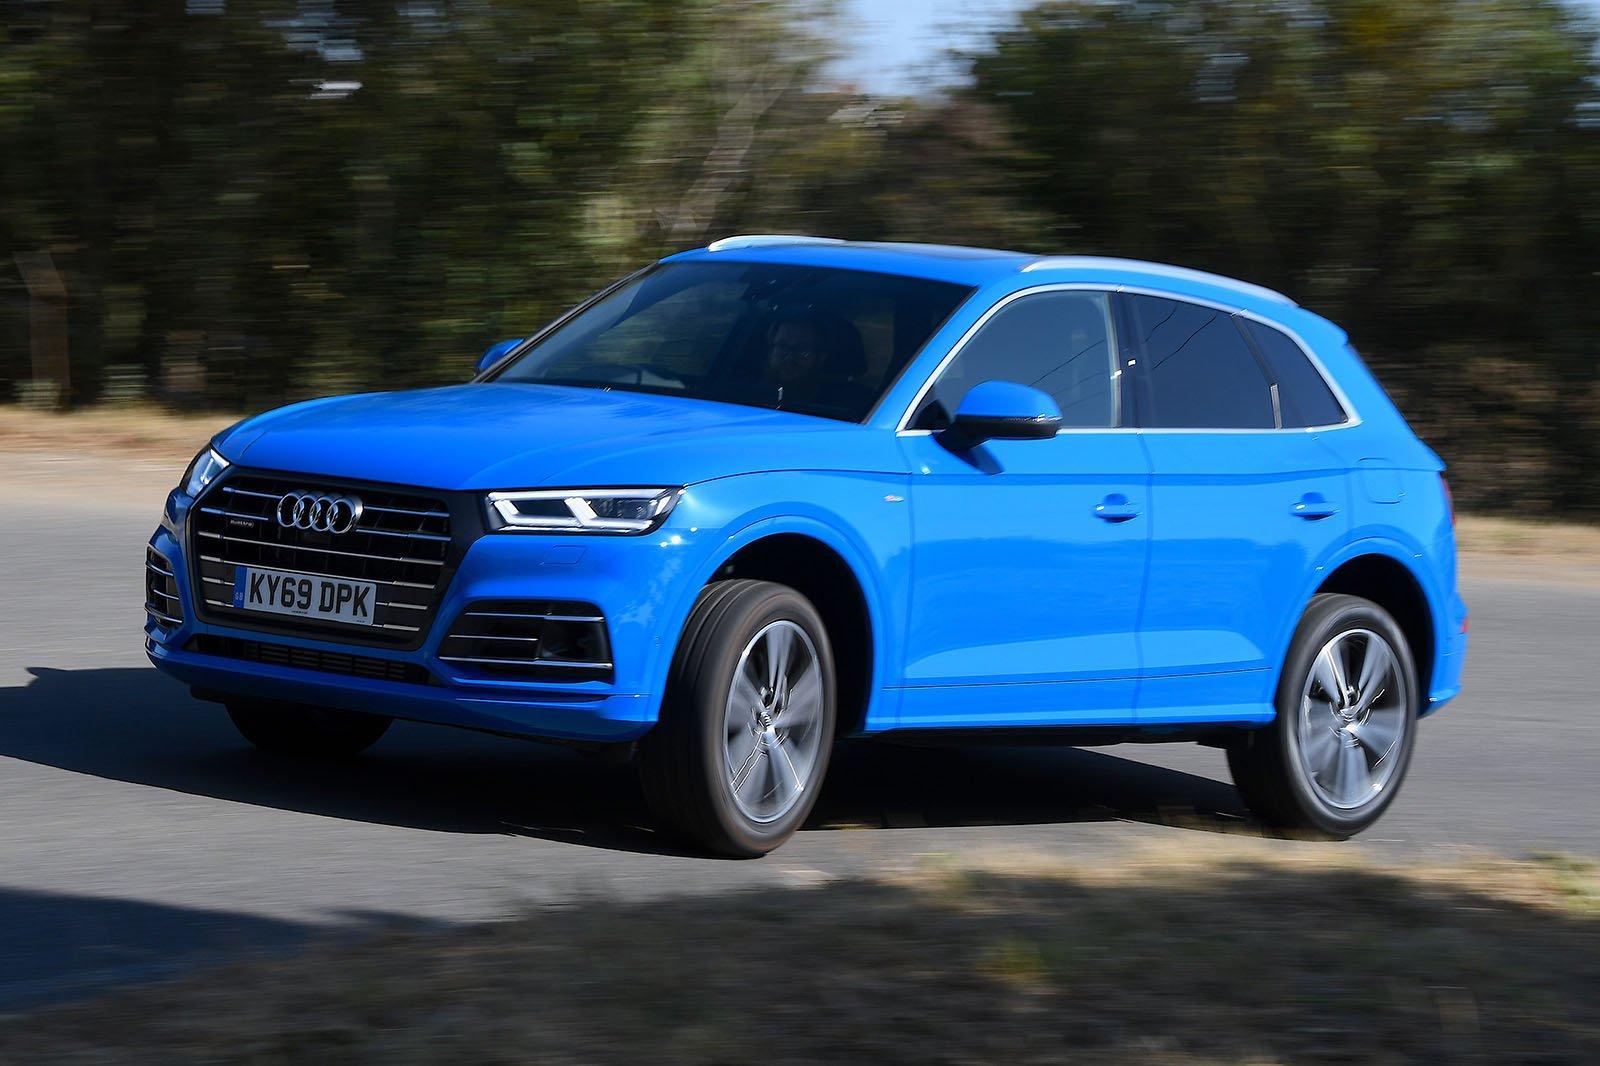 2019 Audi Q5 55 TFSIe verdict | What Car?